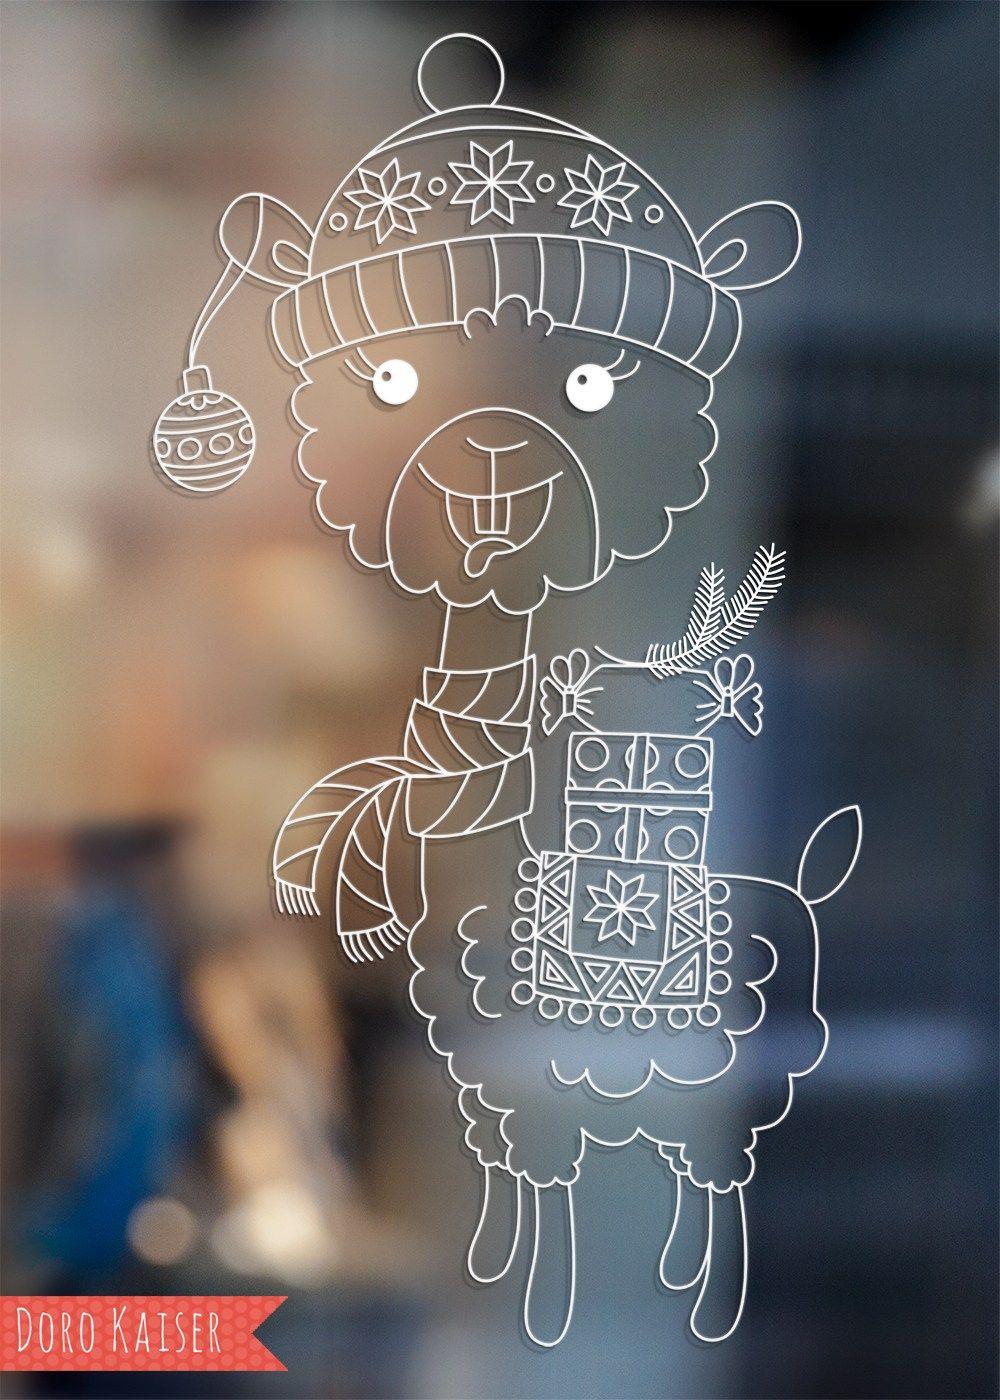 Entdecker - ABC für Kinder und Fensterbild - Doro Kaiser | Grafik & Illustration